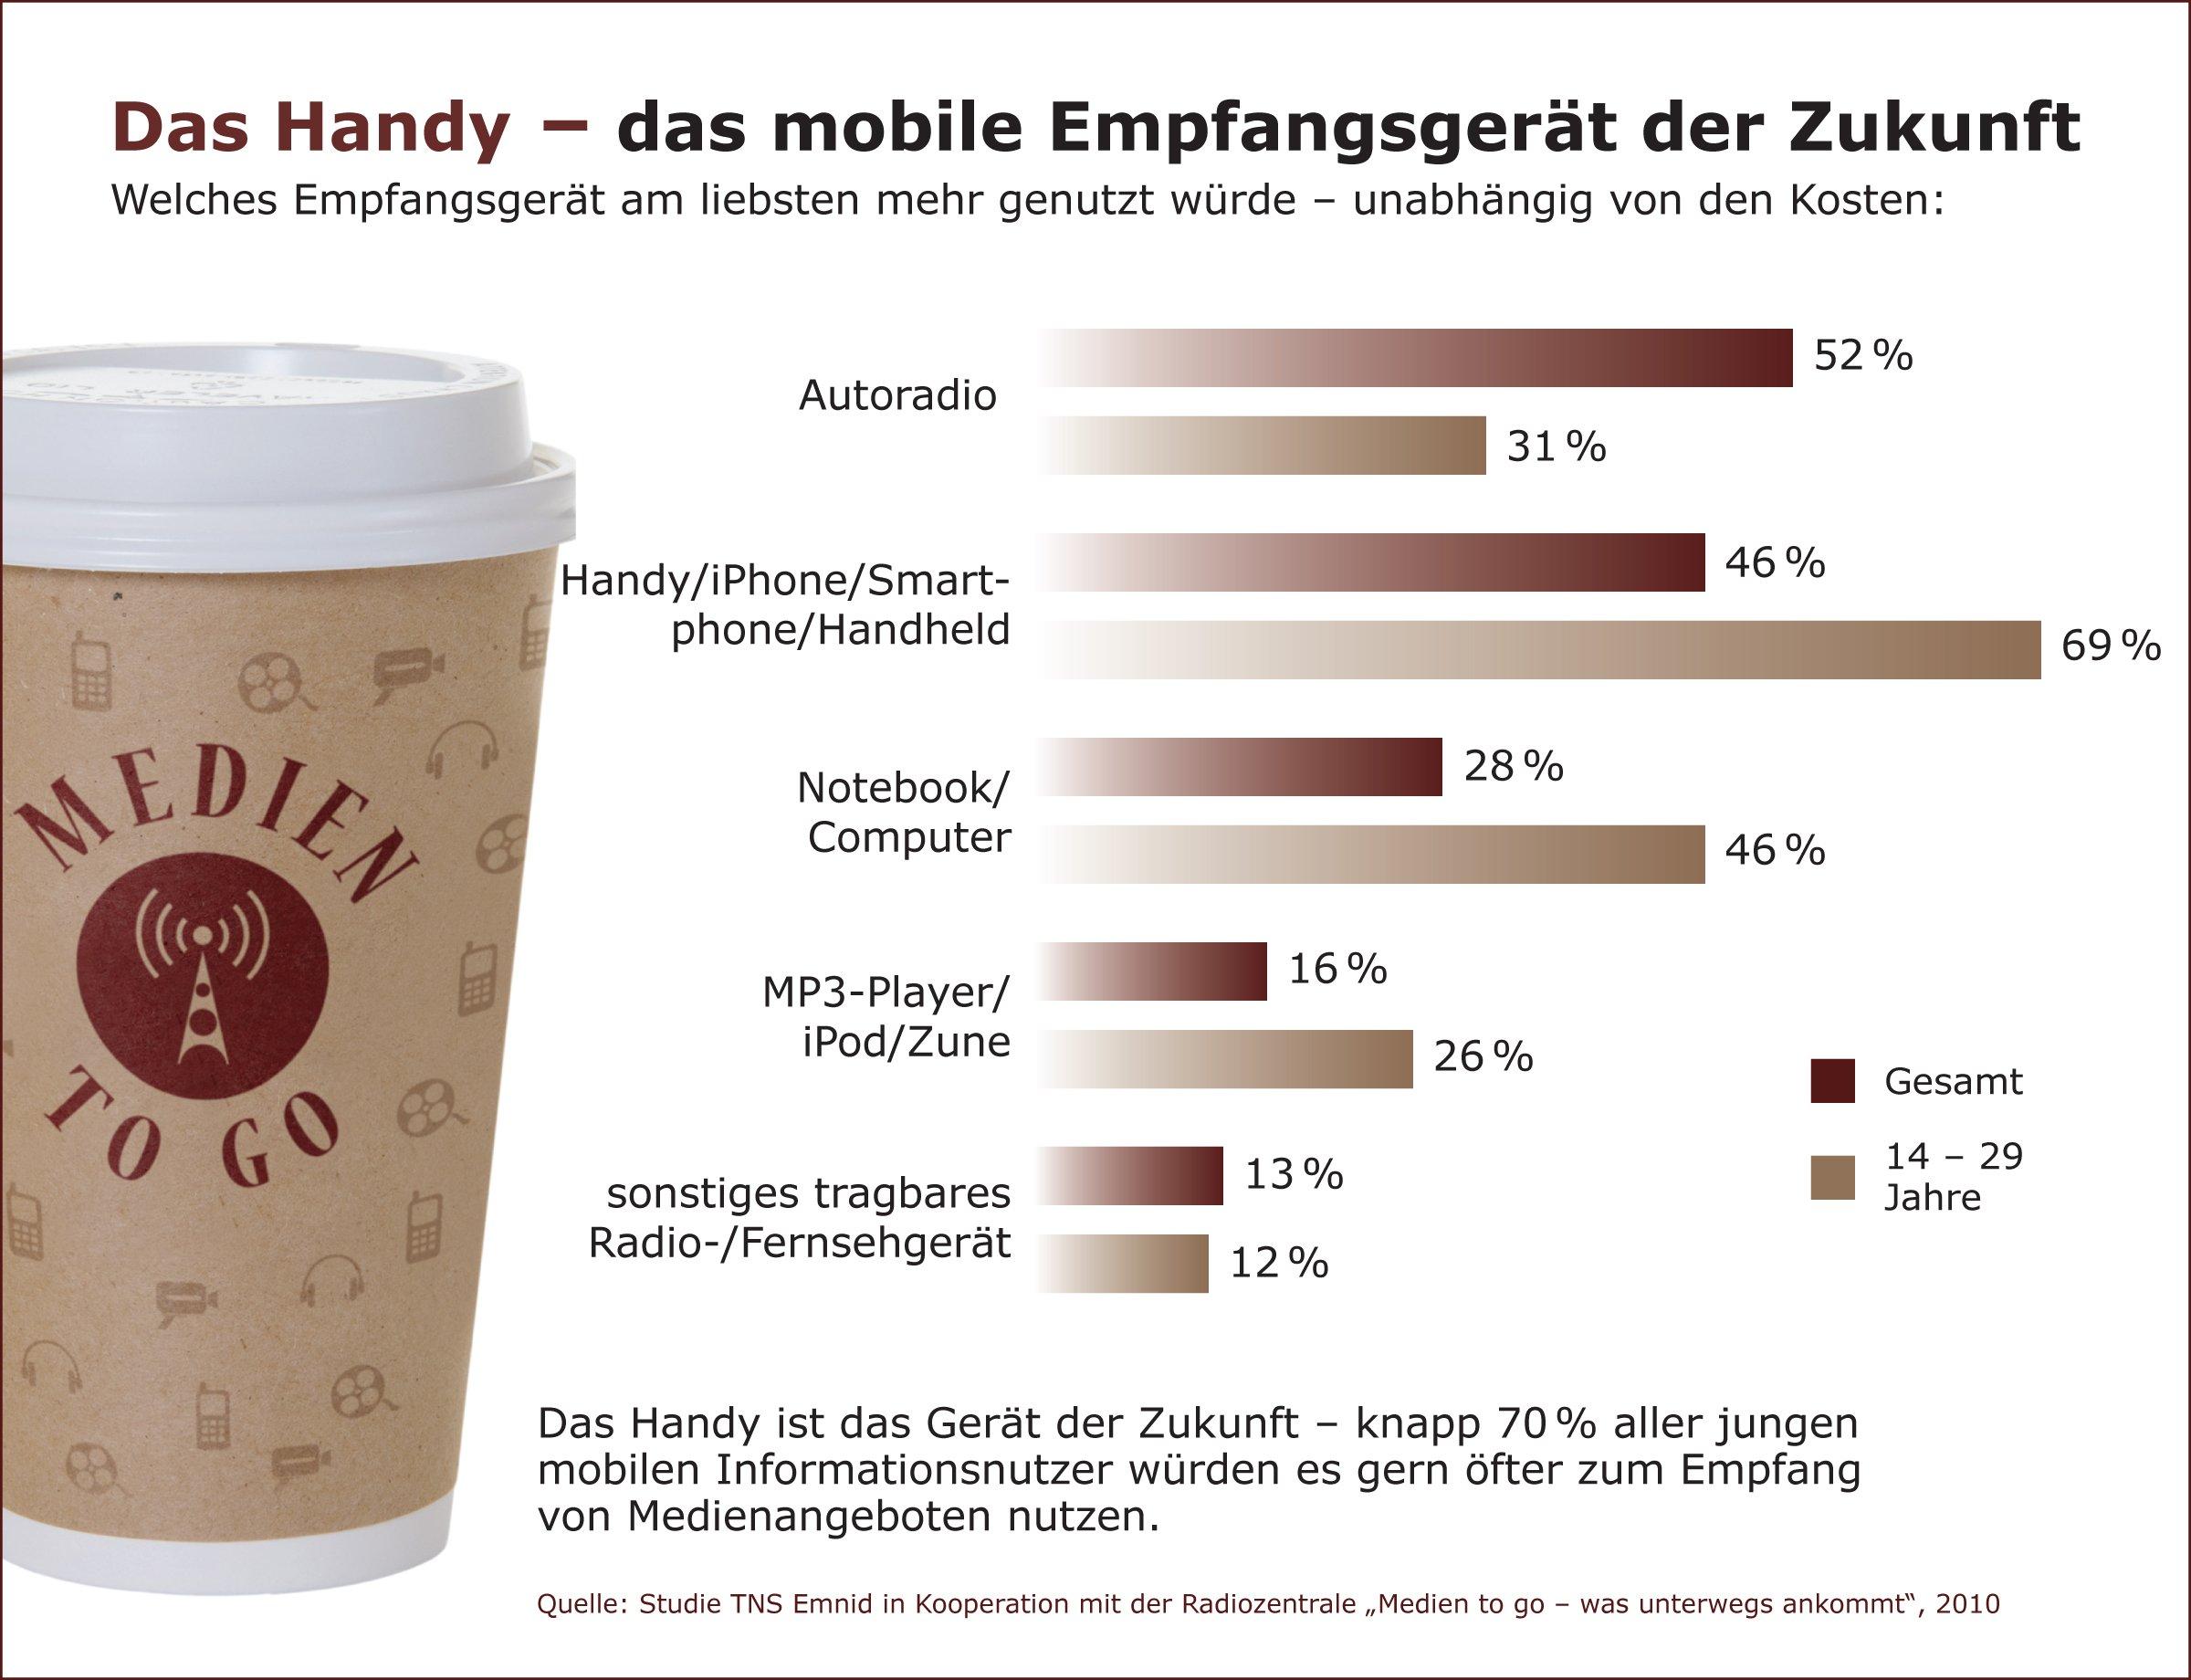 """Das Handy - das mobile EmpfangsgerŠt der Zukunft. Welches EmpfangsgerŠt fŸr die mediale Nutzung am liebsten mehr genutzt wŸrde - unabhŠngig von den Kosten. Die Verwendung dieses Bildes ist fŸr redaktionelle Zwecke honorarfrei. Veršffentlichung bitte unter Quellenangabe: """"obs/RADIOZENTRALE GmbH"""""""